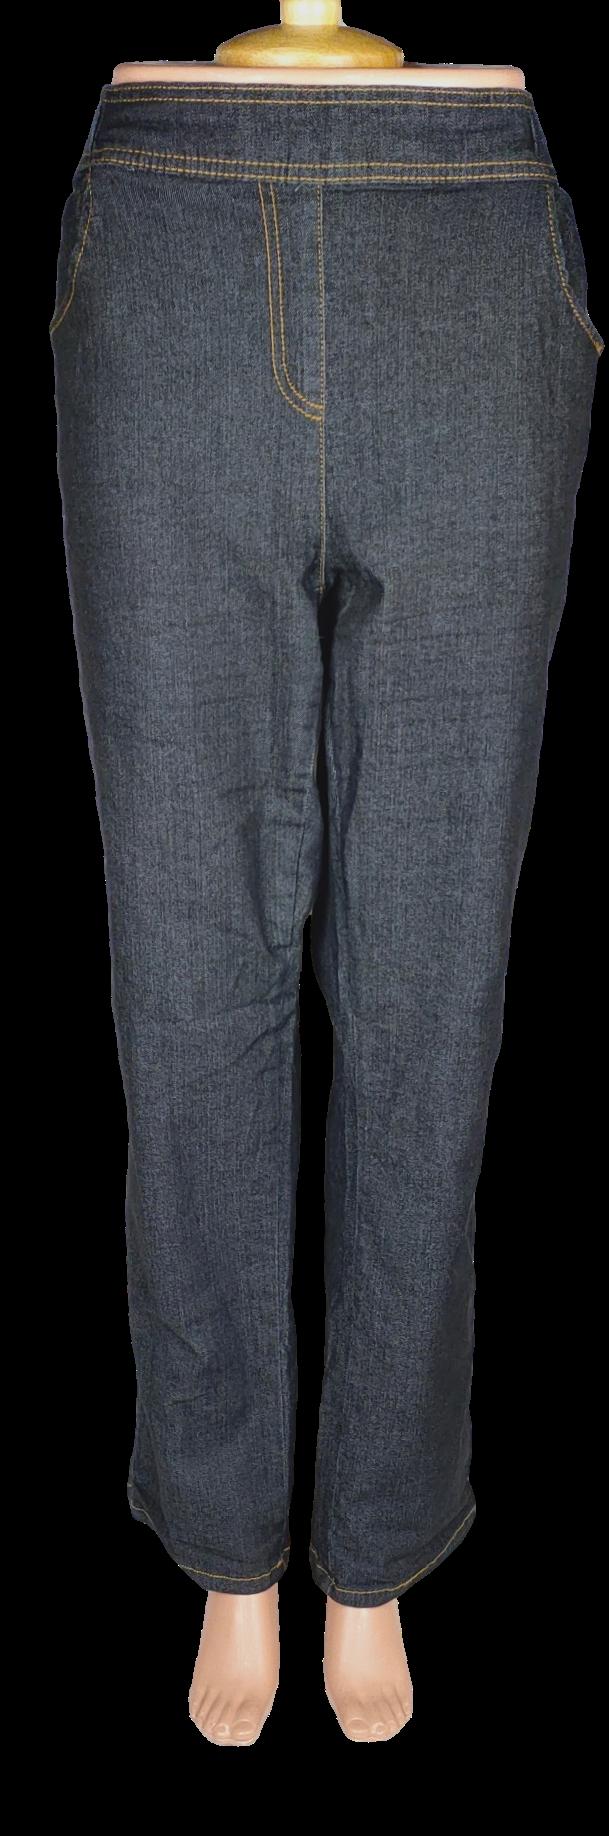 Jean Kiabi - taille 50